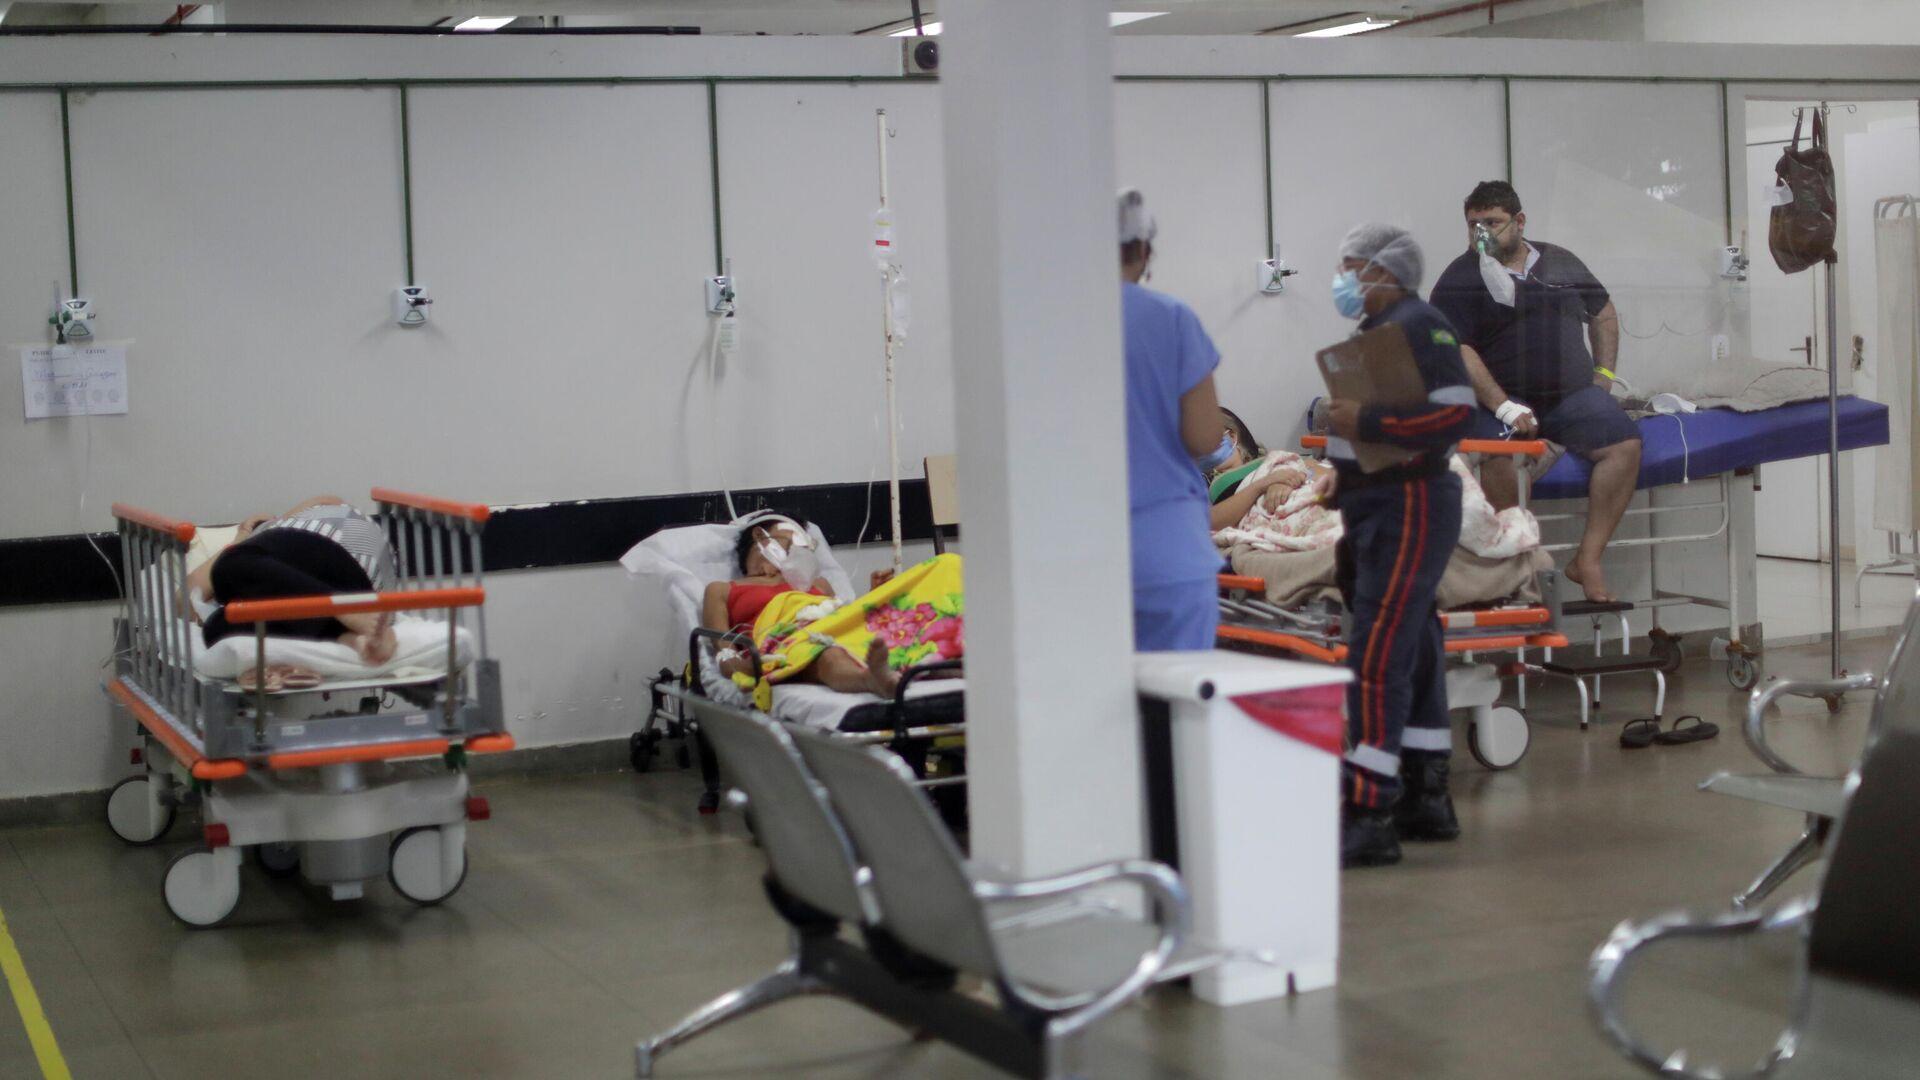 Hospital en Brasilia, Brasil - Sputnik Mundo, 1920, 09.03.2021